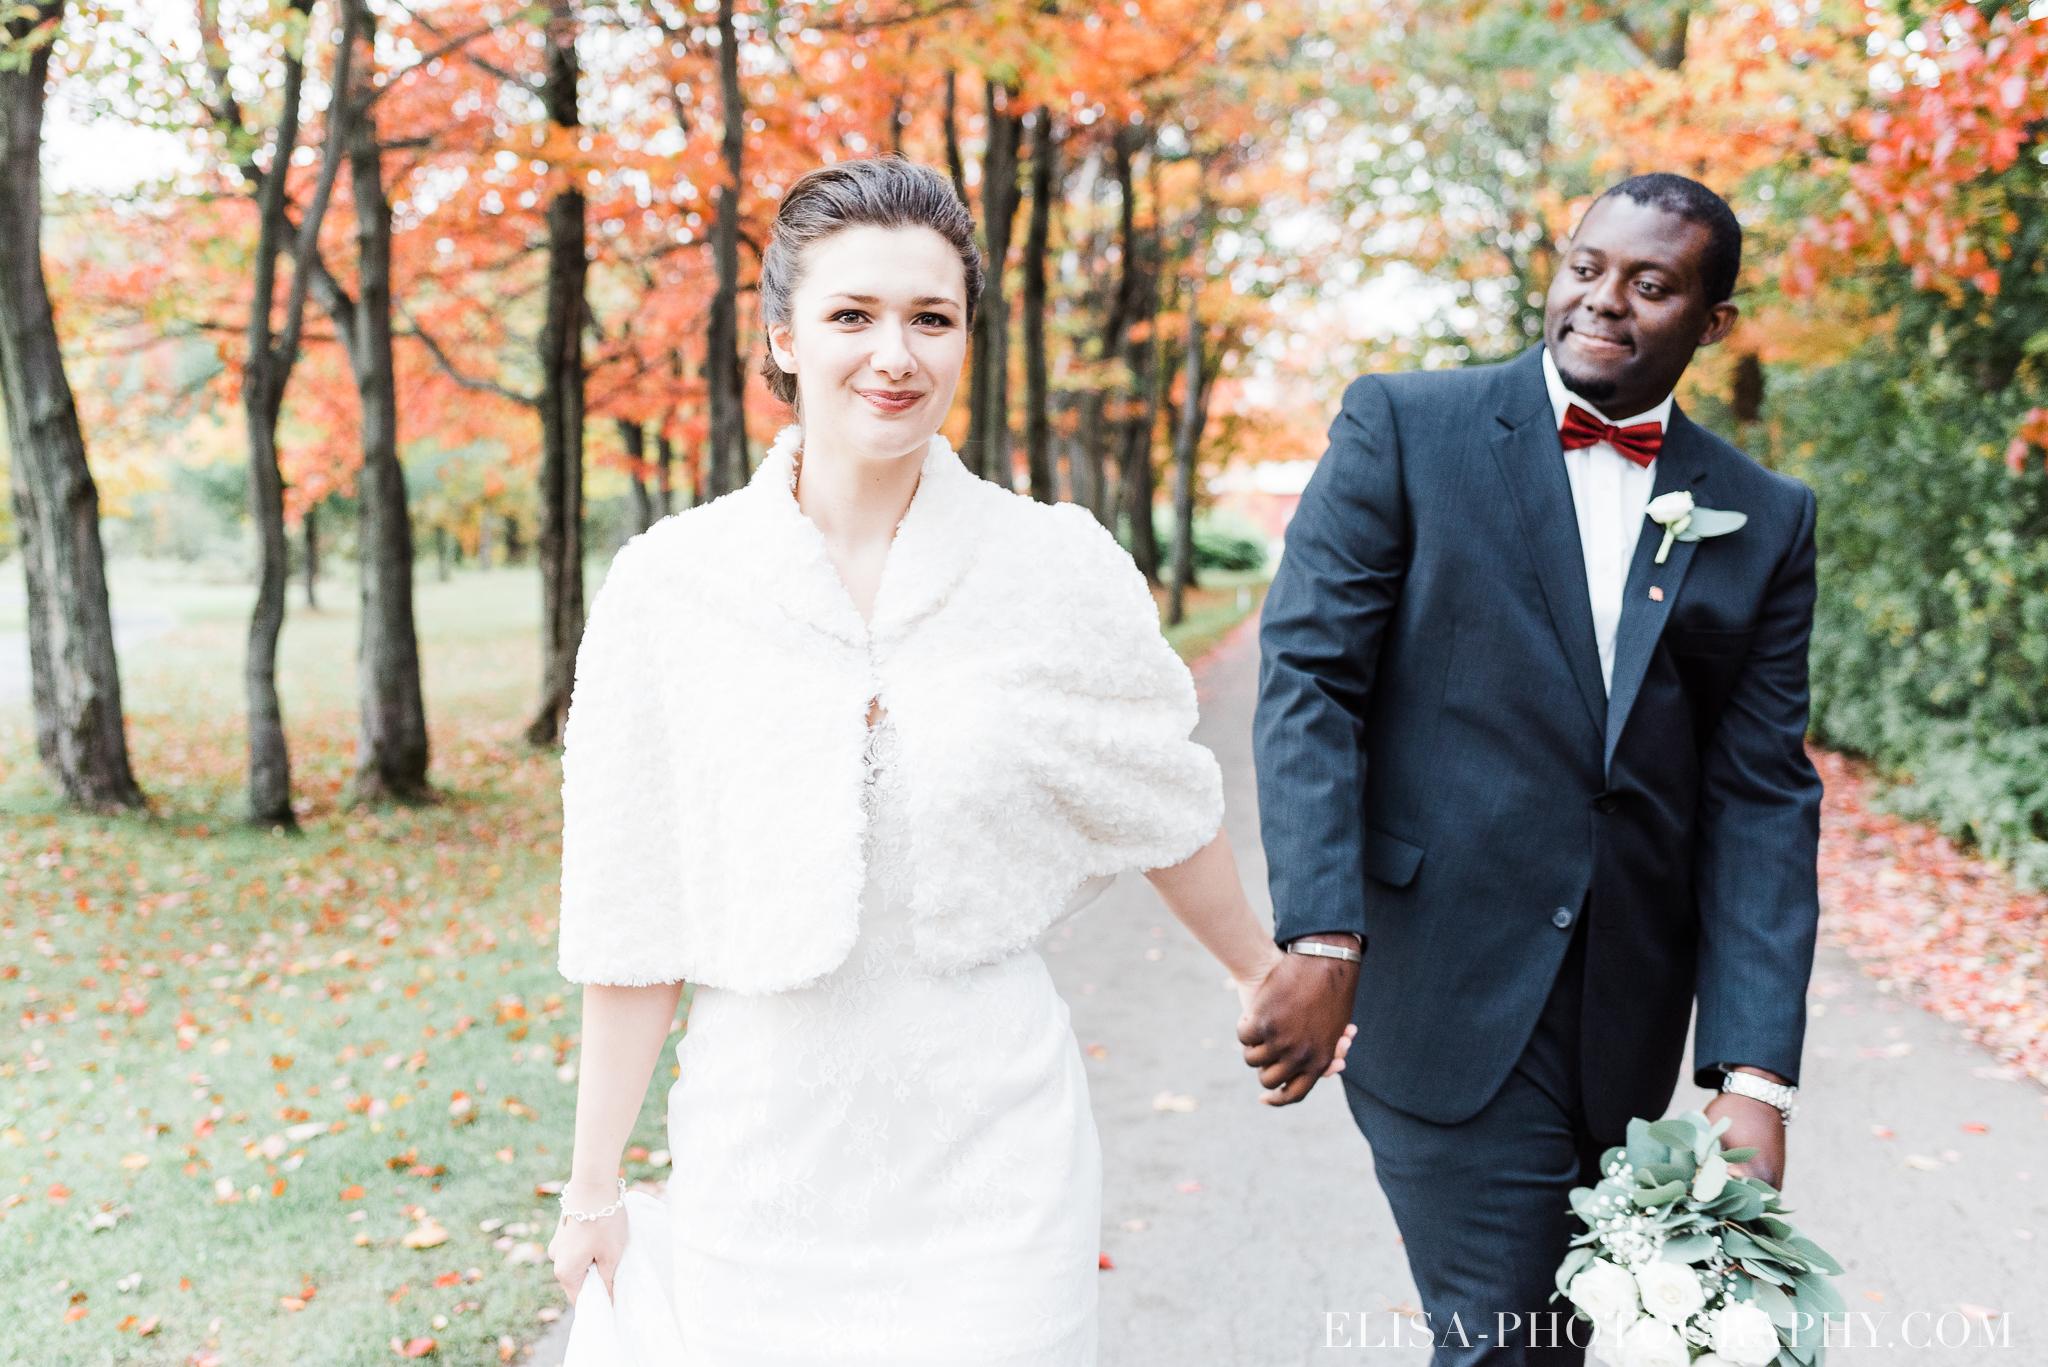 photo mariage golf cap rouge ville quebec bouquet roses blanches couple portrait automne 8124 - Mariage au Golf de Cap-Rouge, ville de Québec: Stéphanie & William